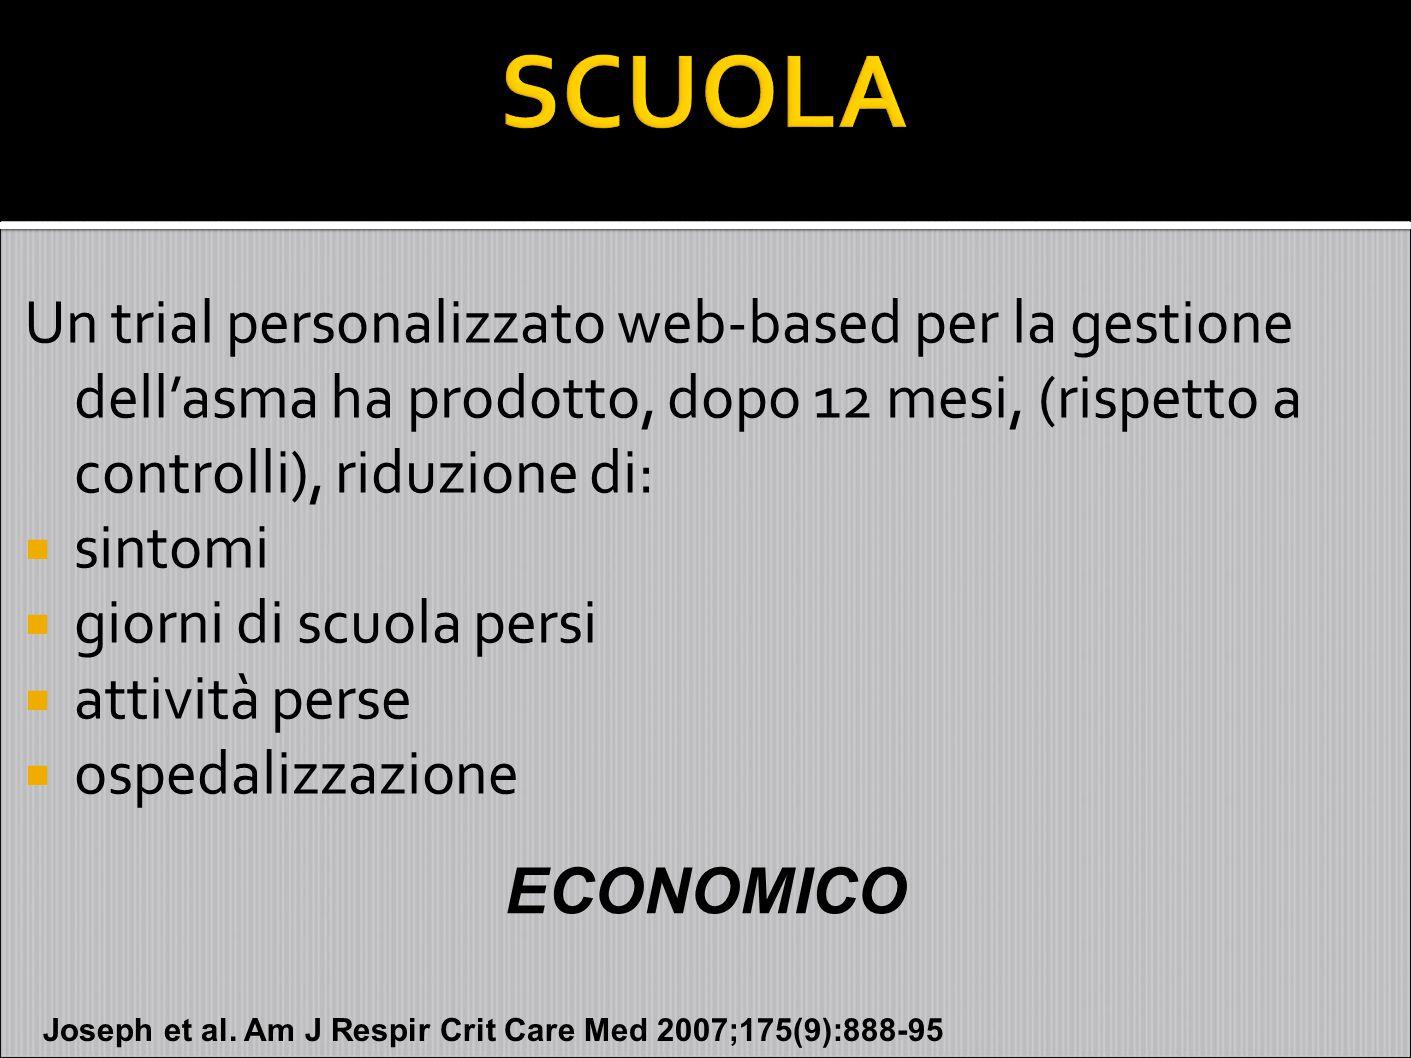 SCUOLA Un trial personalizzato web-based per la gestione dell'asma ha prodotto, dopo 12 mesi, (rispetto a controlli), riduzione di: